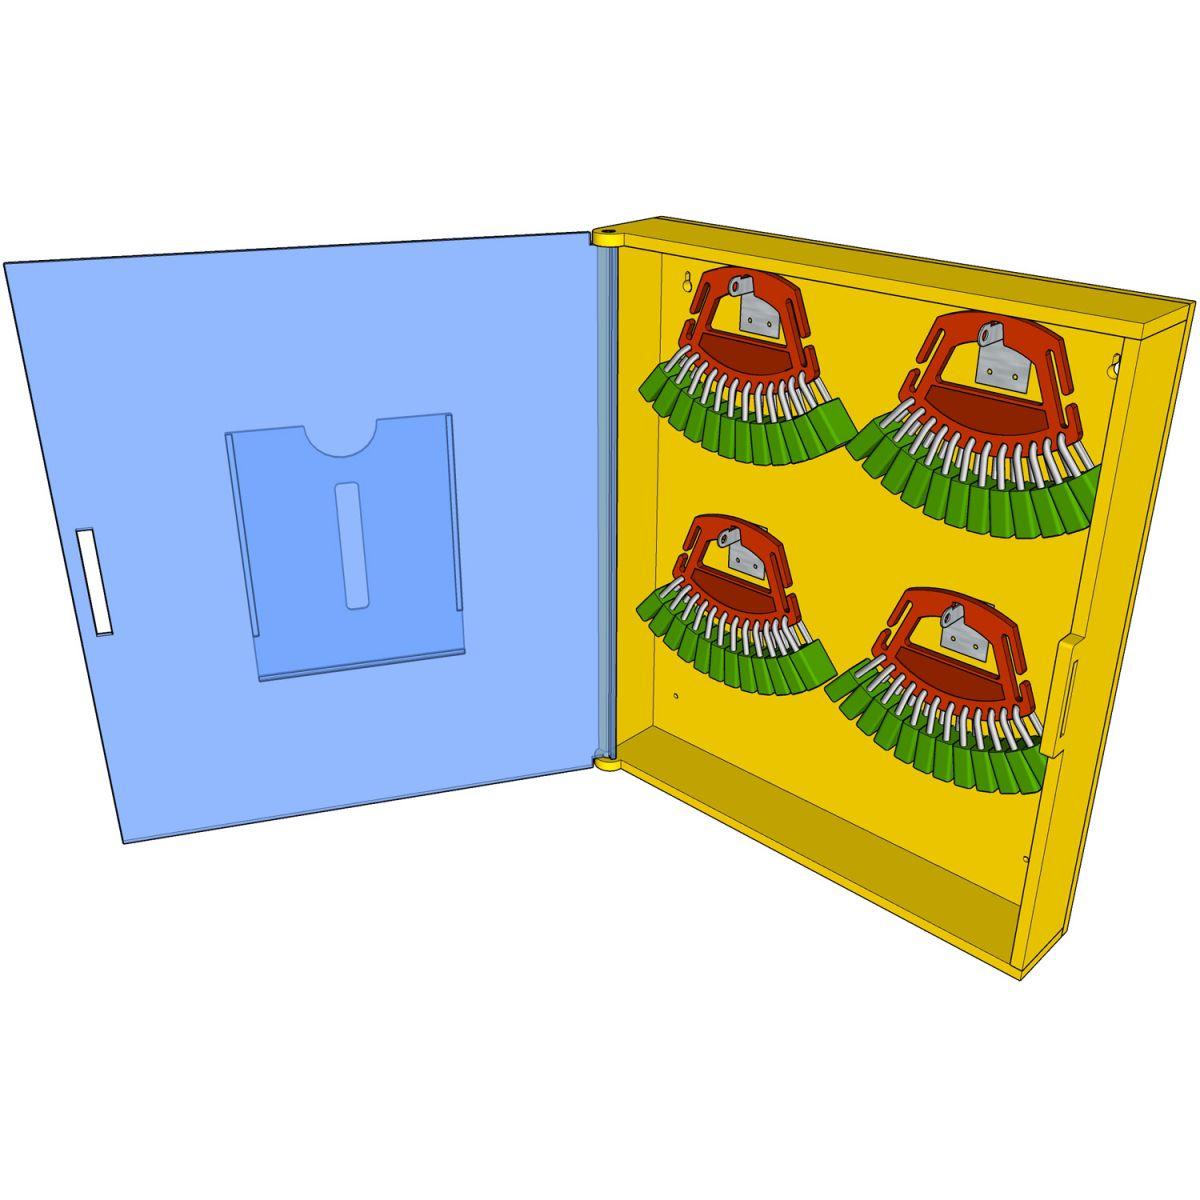 Postes de cadenassage en polyéthylène jaune vif | BPC-1224-2V-PF 2